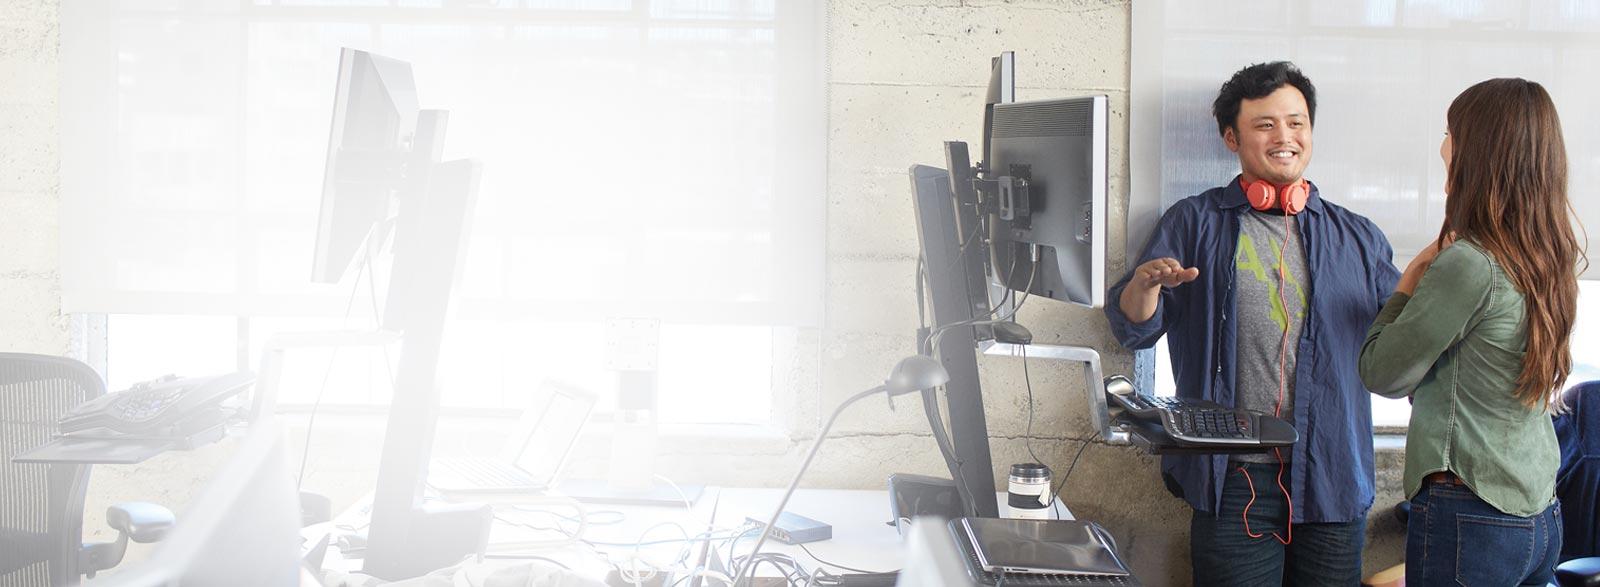 किसी कार्यालय में खड़े होकर Office 365 Business Premium का उपयोग कर कार्य करते एक पुरूष और एक महिला.